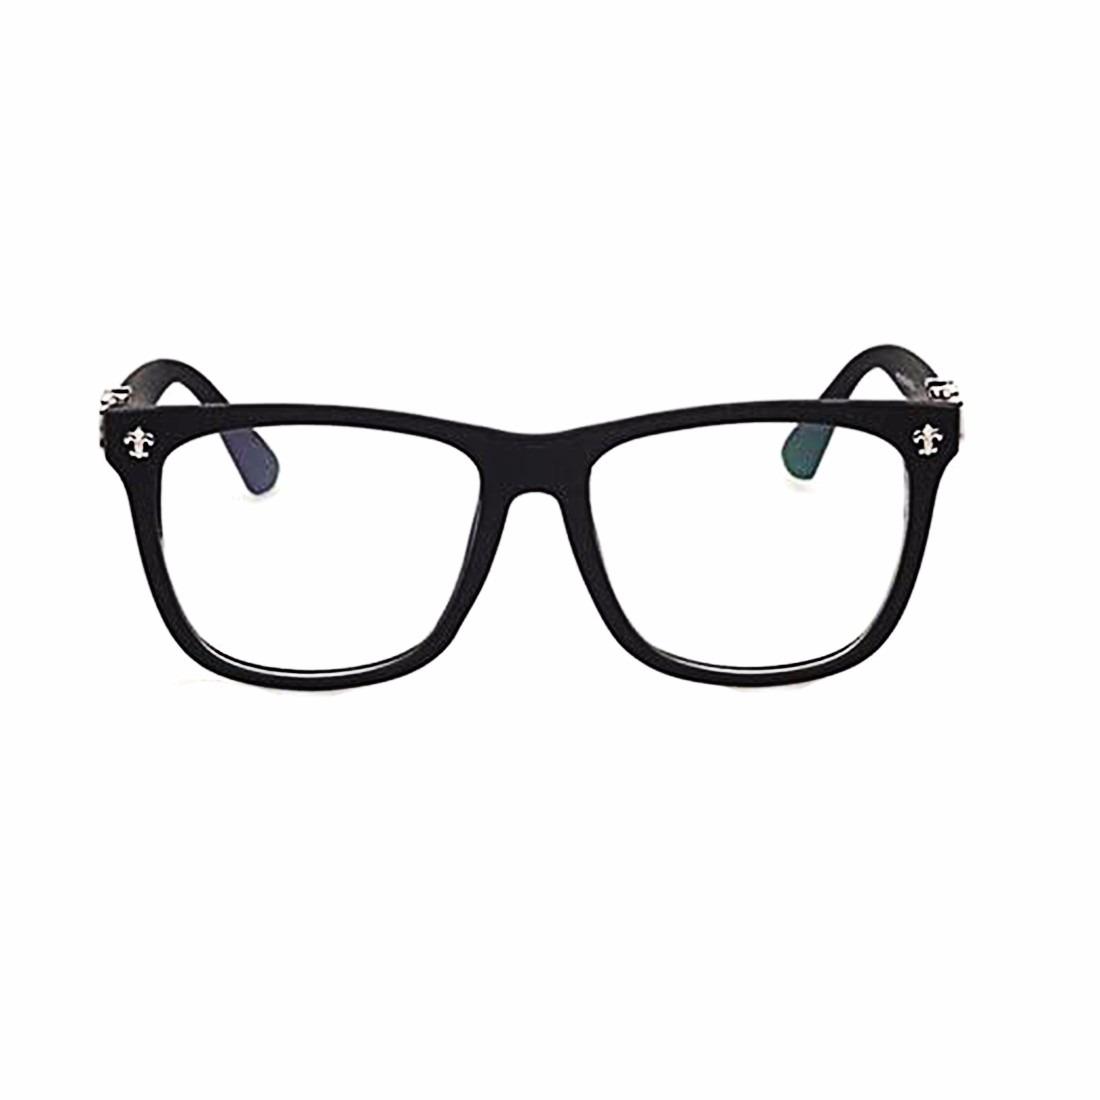 ae8f22e46f63d armação óculos d grau acetato quadrado feminino masculino br. Carregando  zoom.